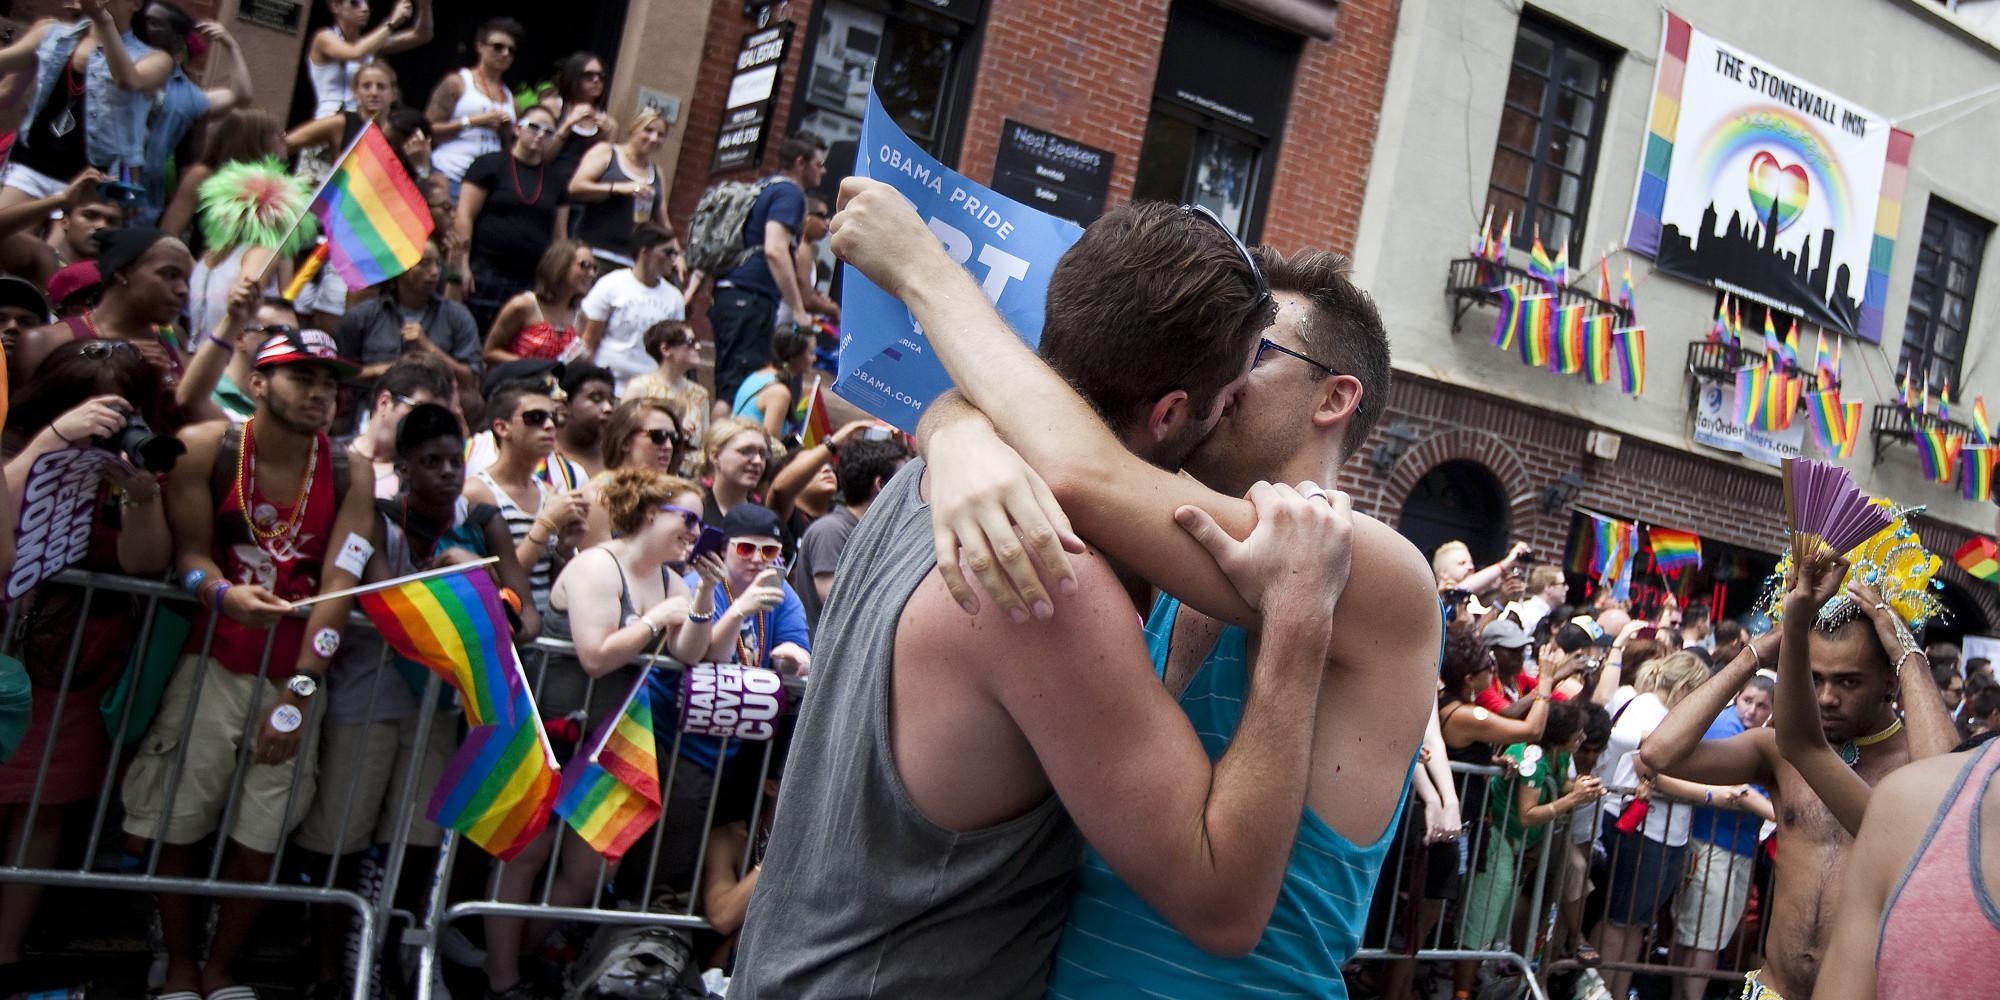 Free gay bear chat